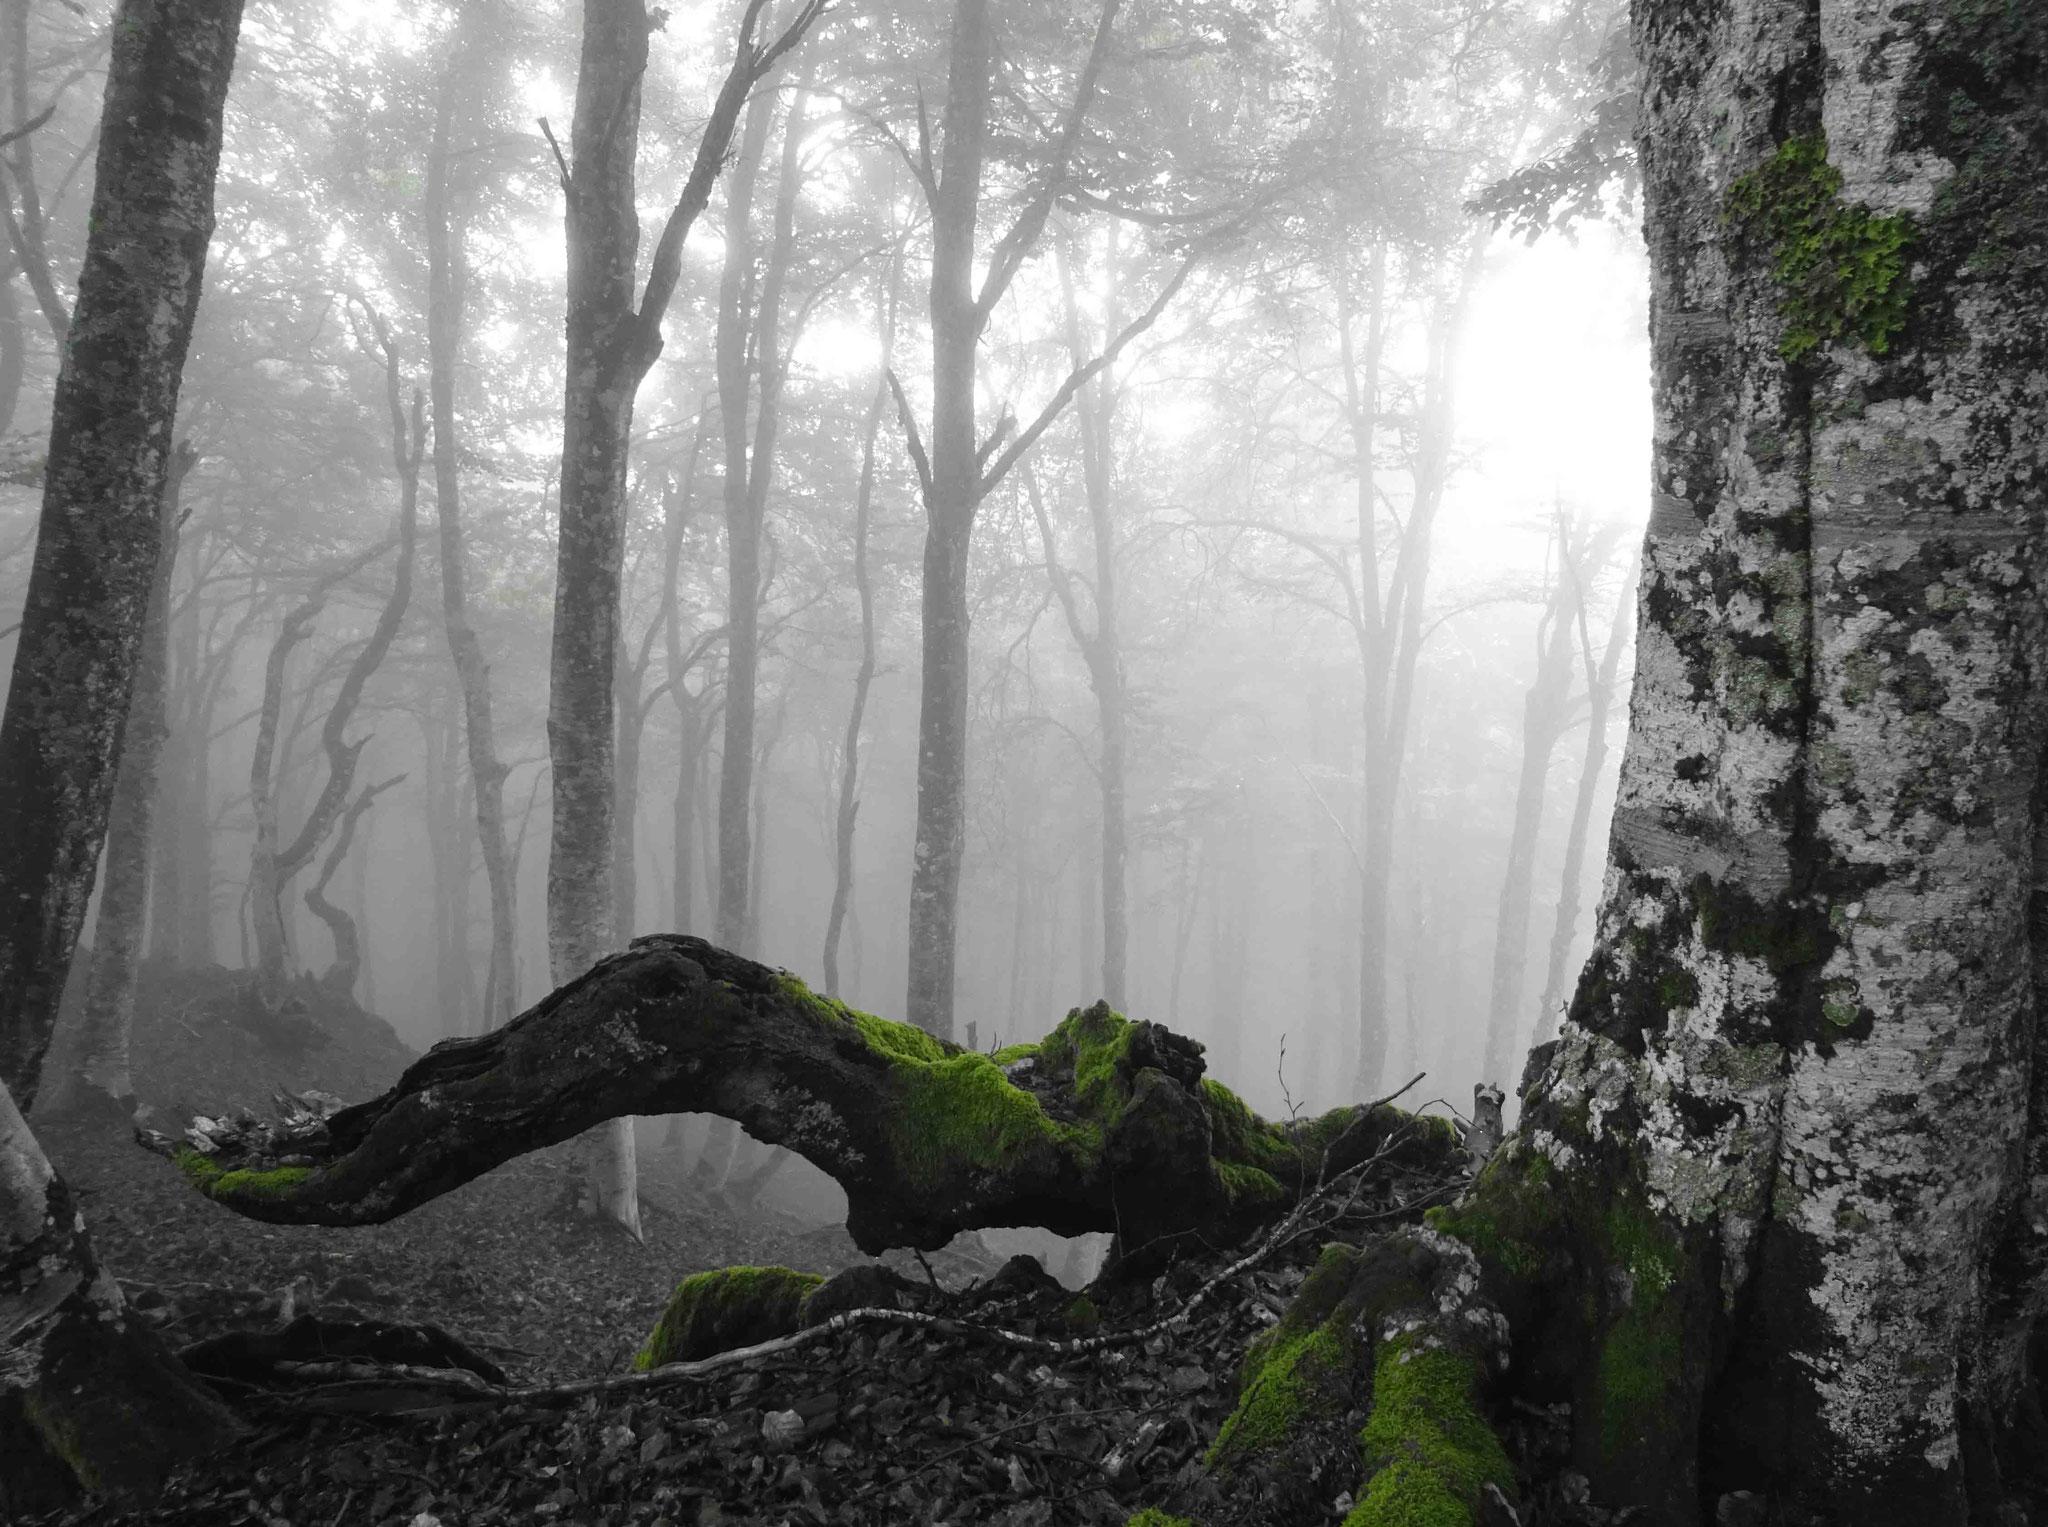 Quasi forêt envoûtante de Brocéliande...